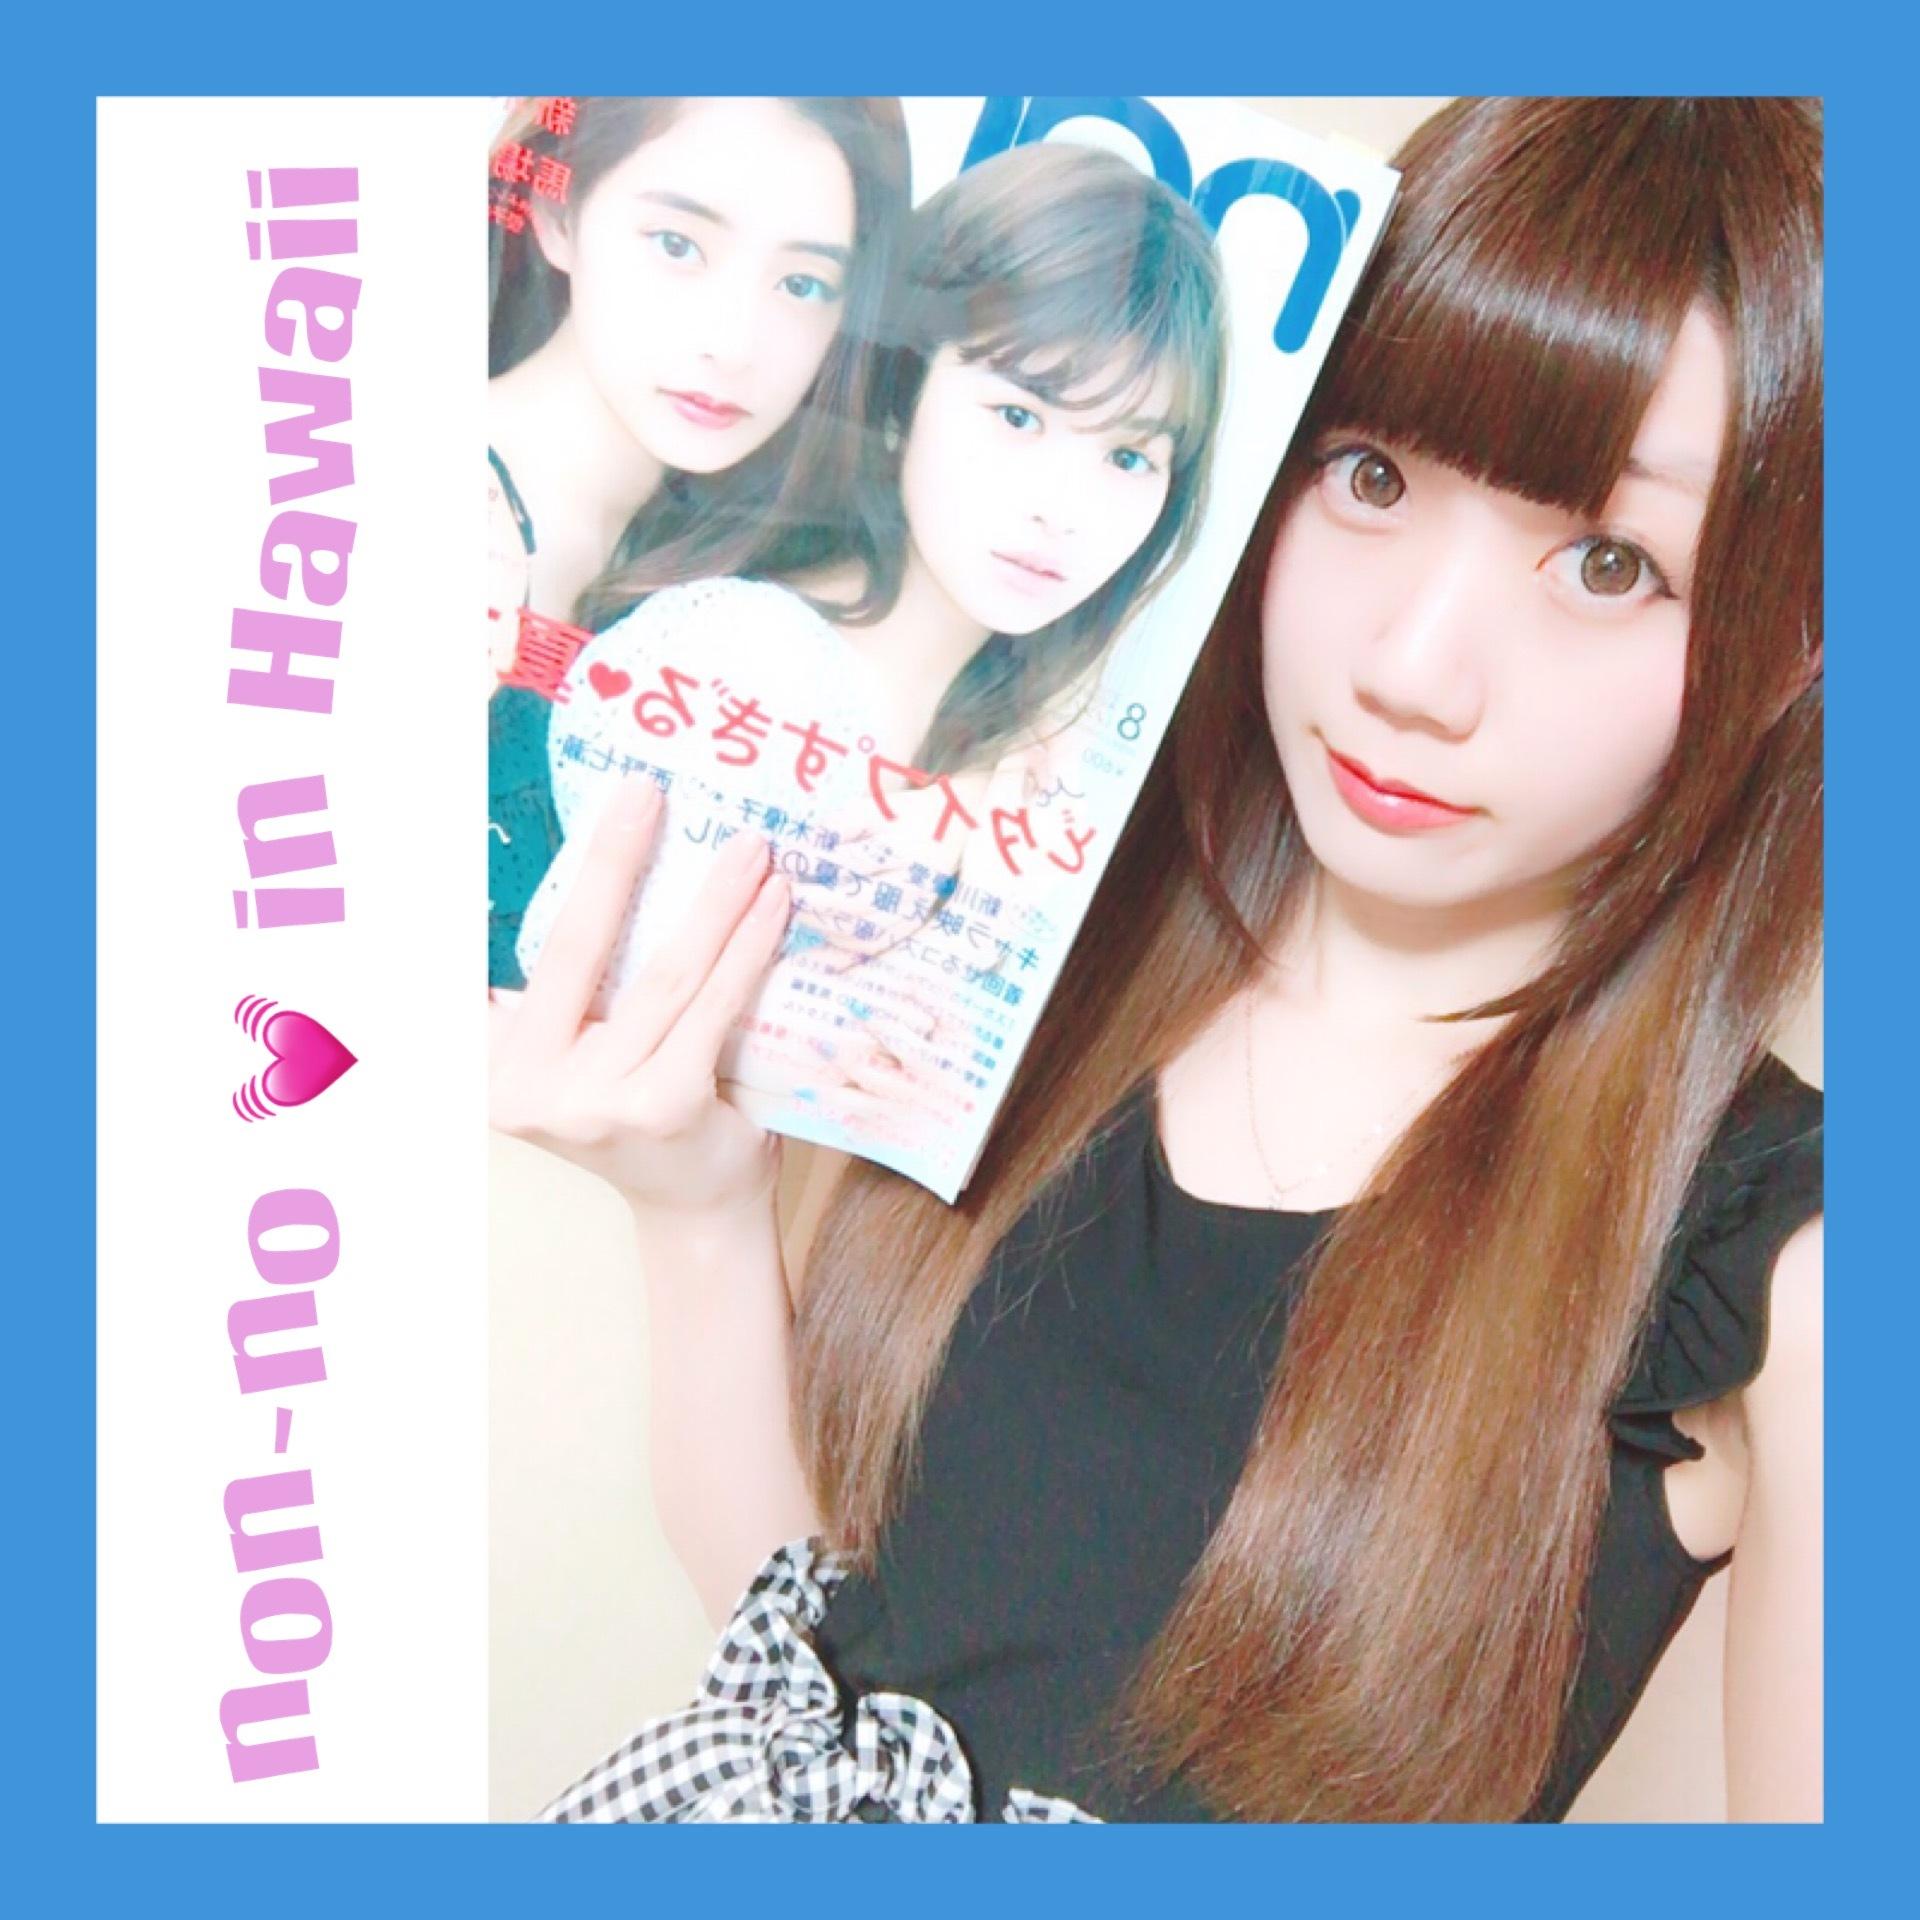 【non-no 8月号】ハワイイ選抜❤︎ディズニー特集!_1_1